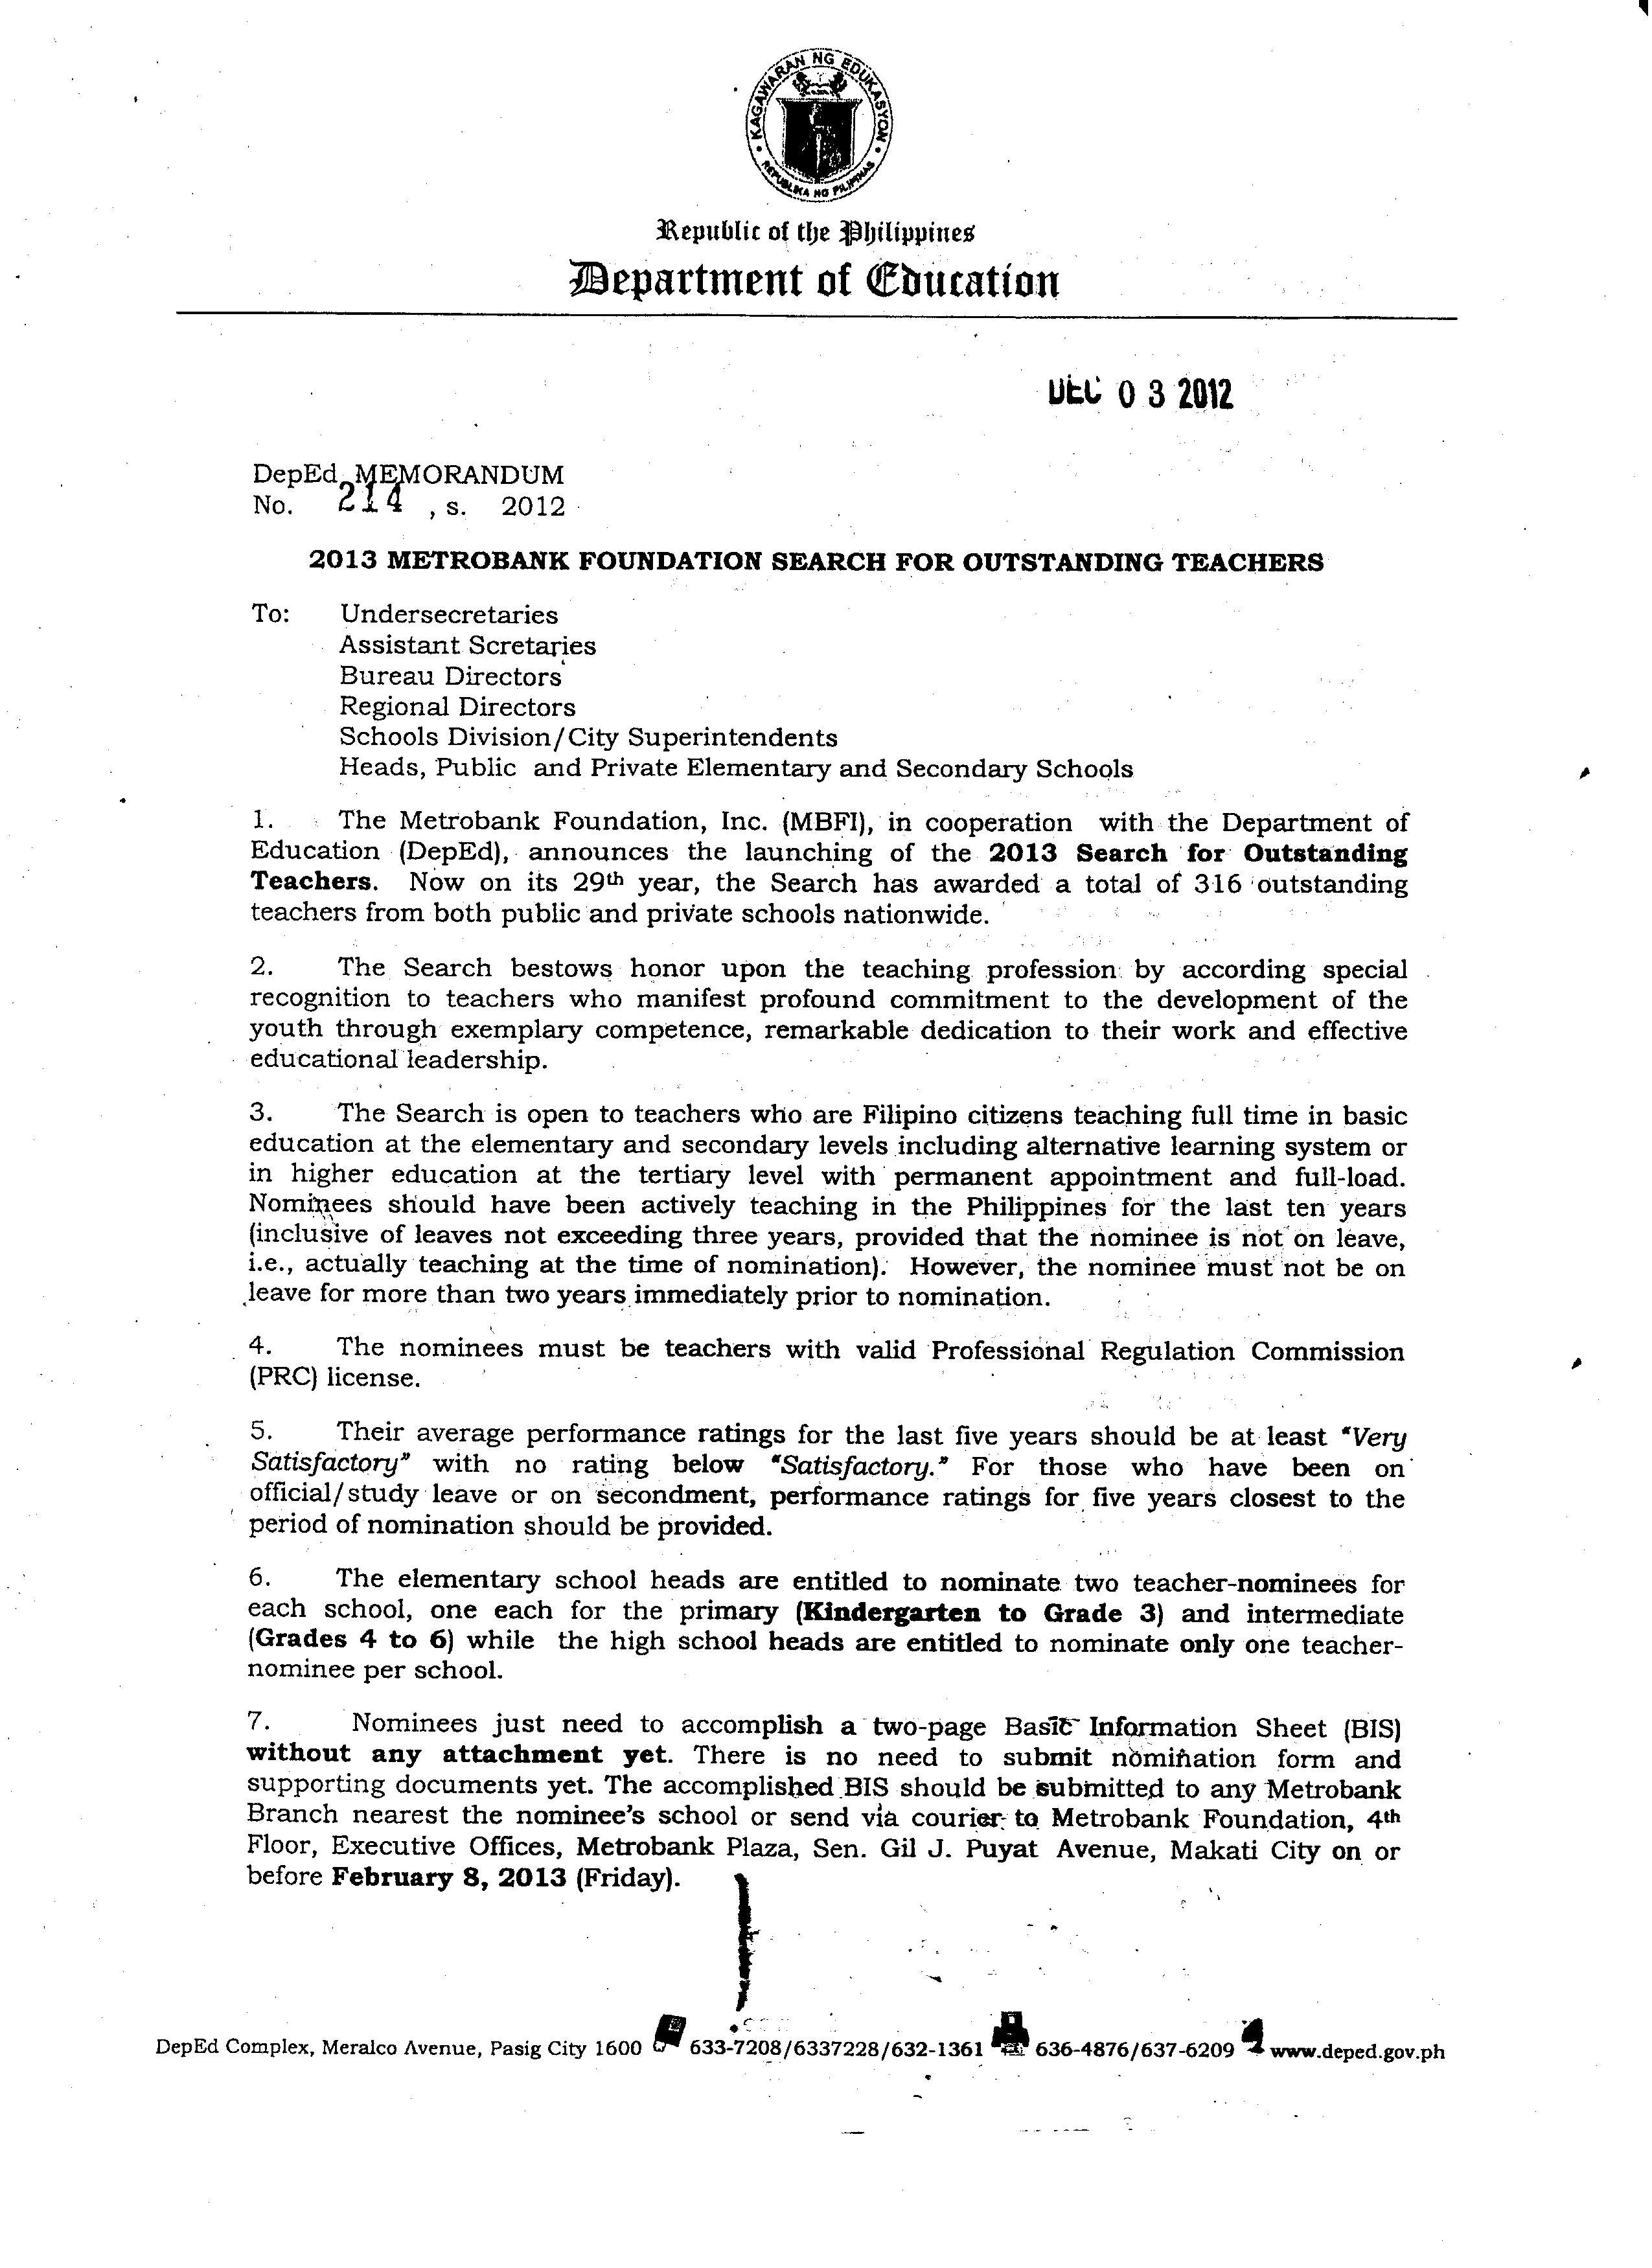 DepEd Memo Memorandum 2014